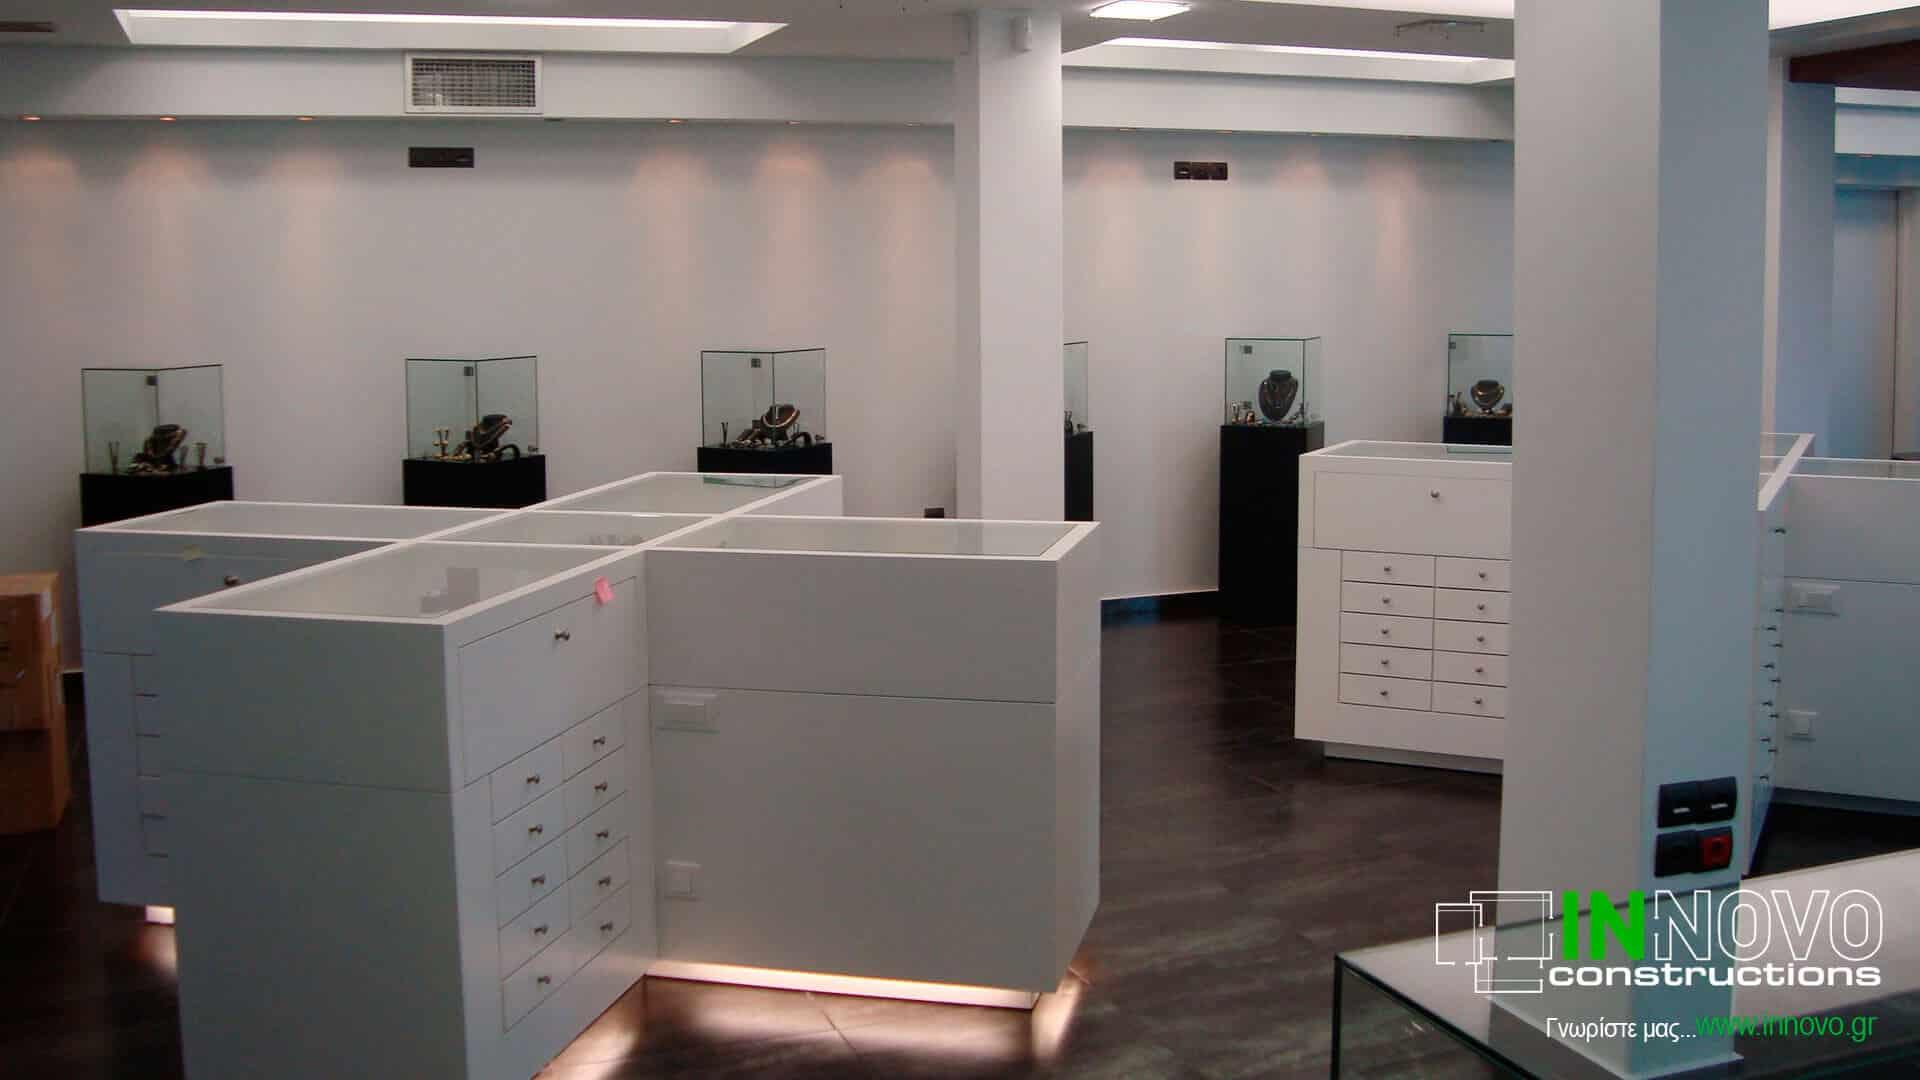 anakainisi-etaireias-company-renovation-soultos-grafeia-1048-12